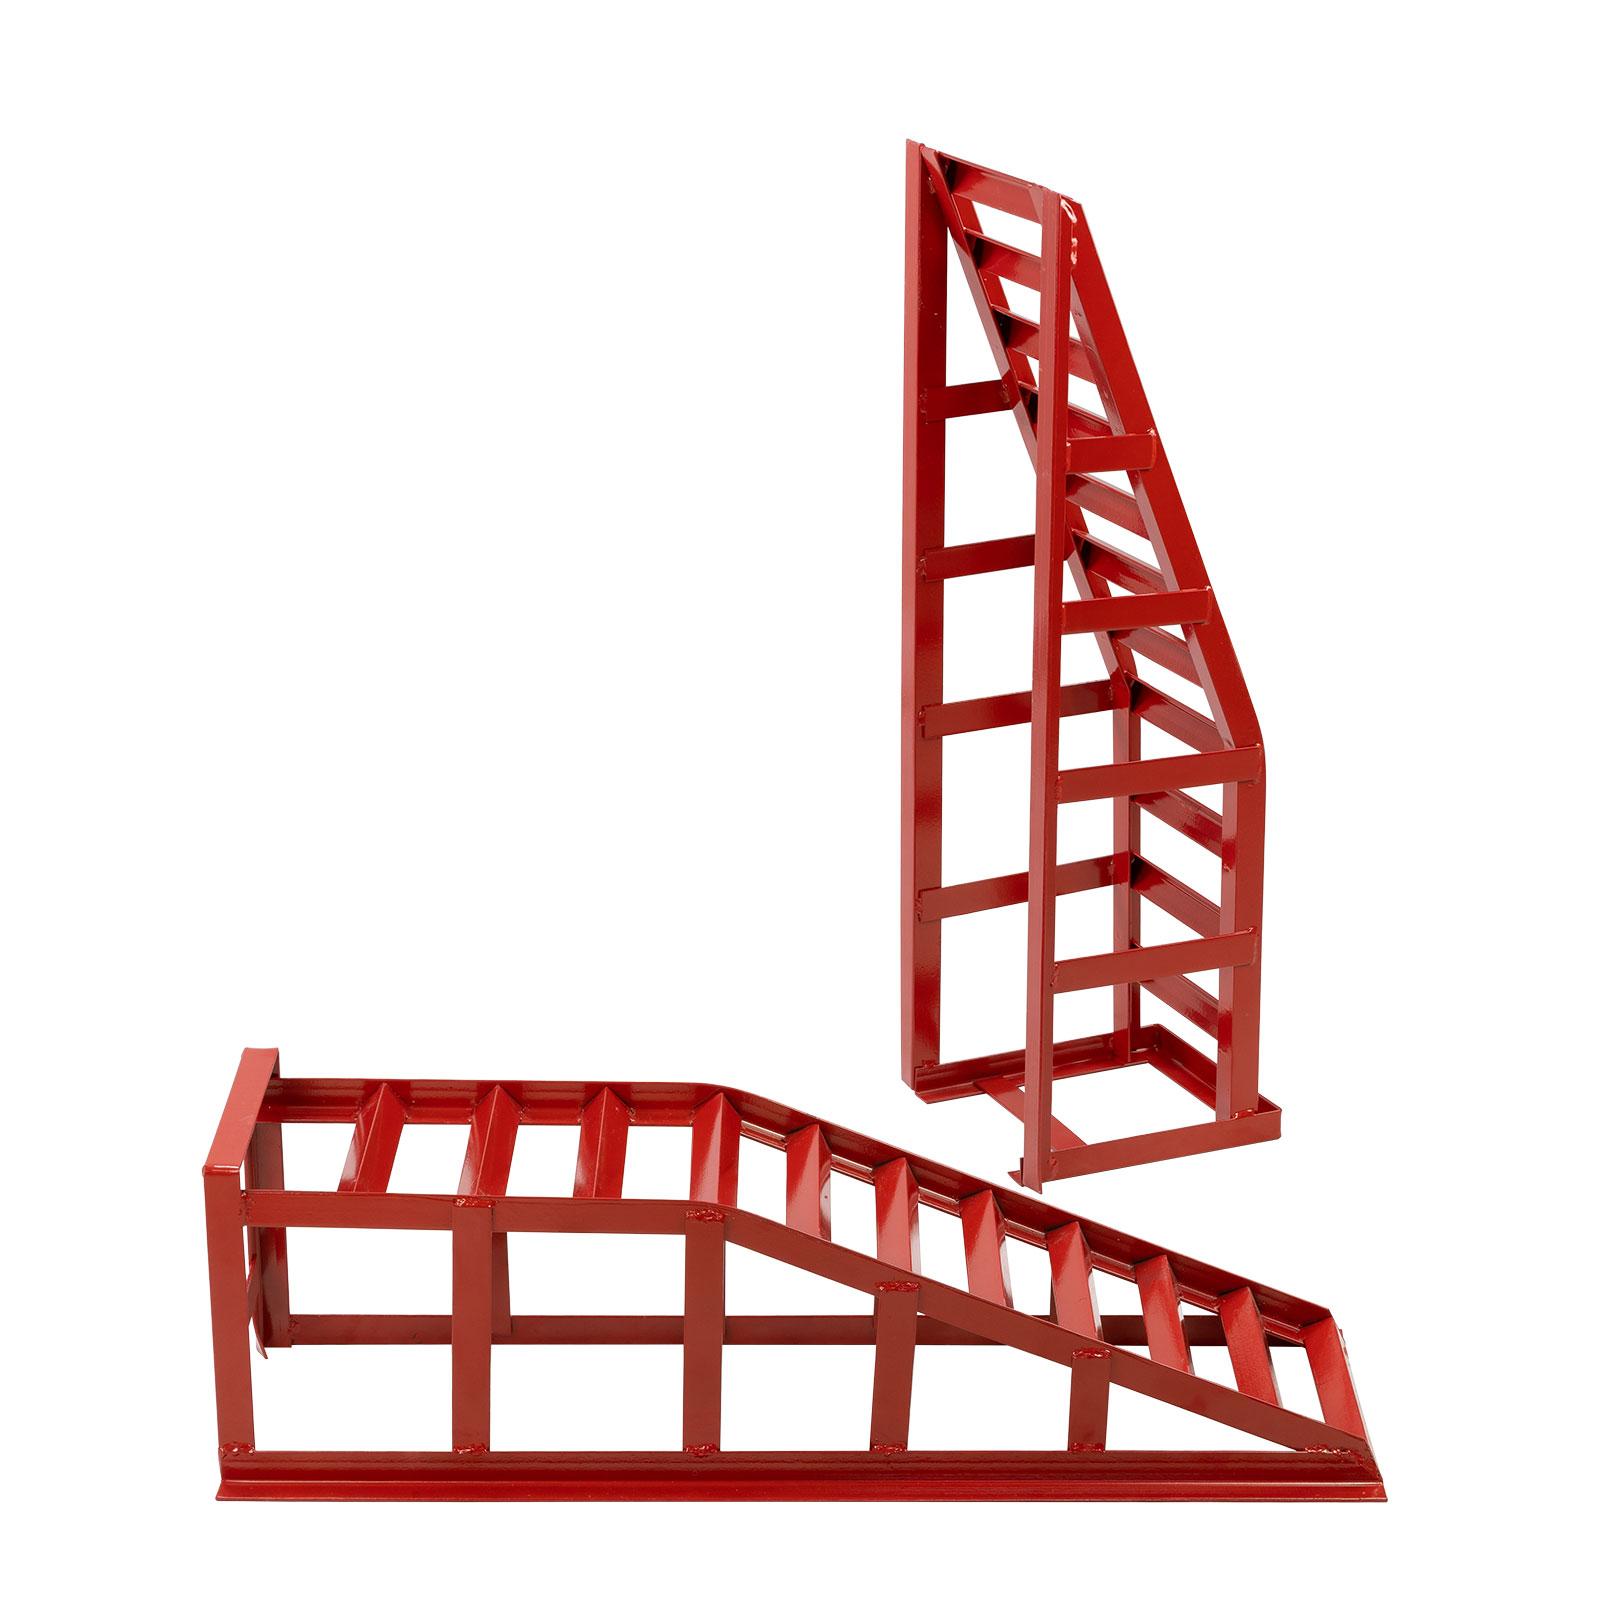 Dema 2x Stahl PKW Kfz Auto Auffahrrampen Auffahrböcke Auffahrkeil Paar bis 2000kg 2t 24590